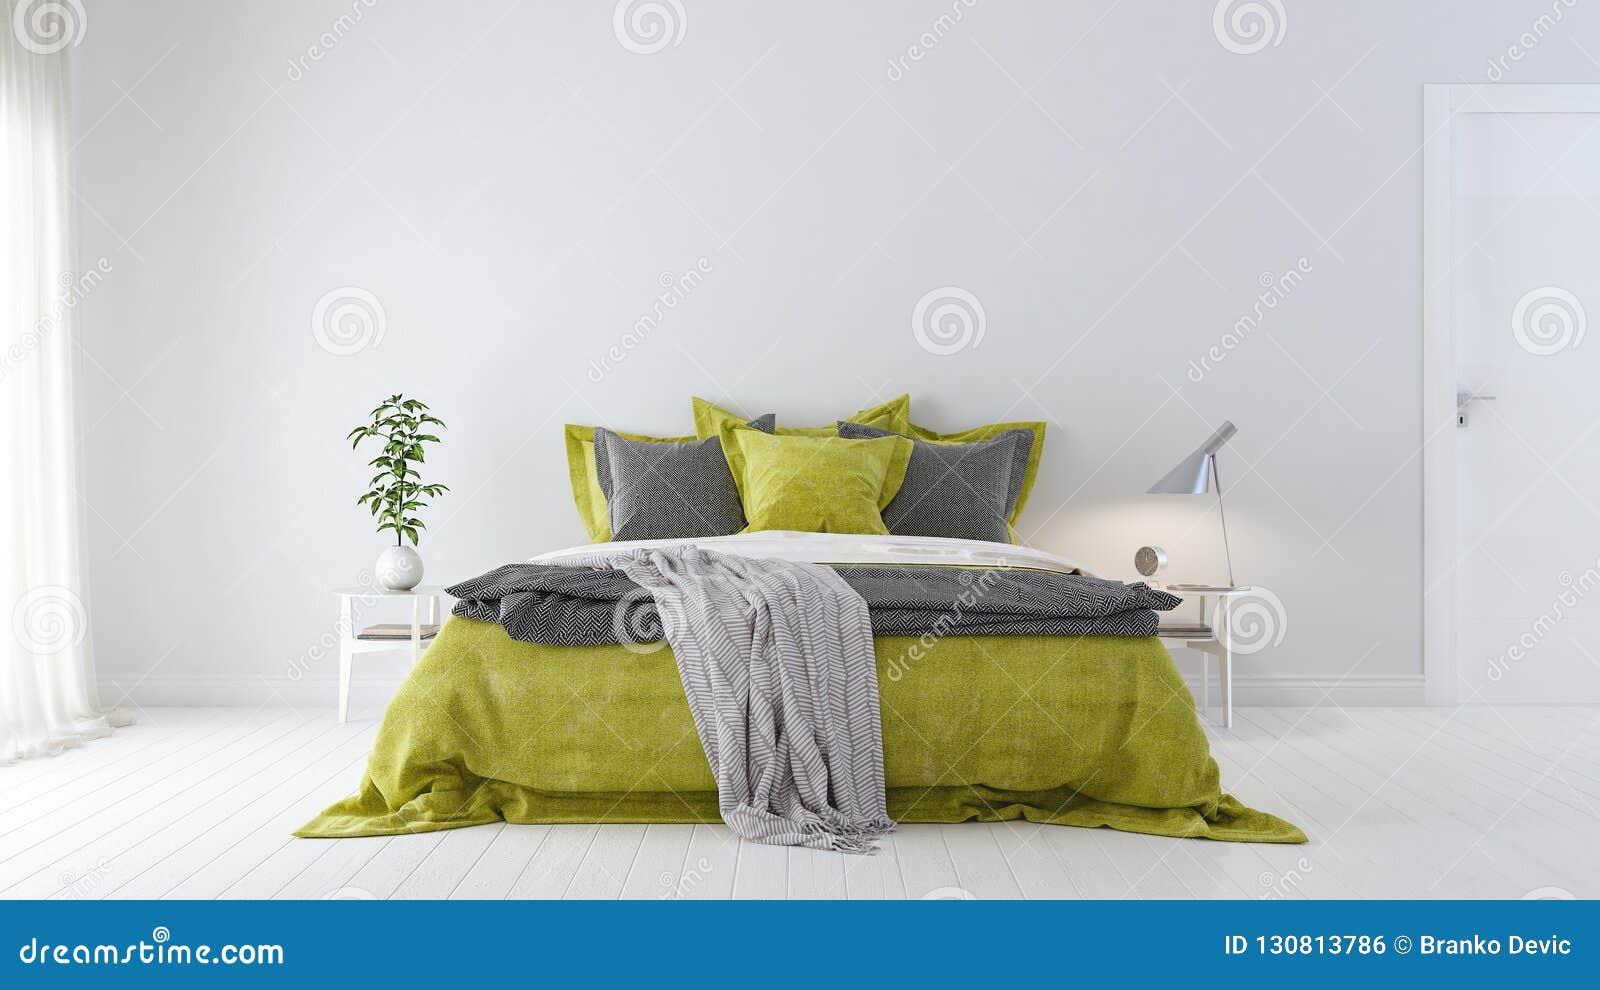 Modern White Bedroom Interior Design With Green Bed Sheets 3d Render Stock Illustration Illustration Of Elegance Interior 130813786